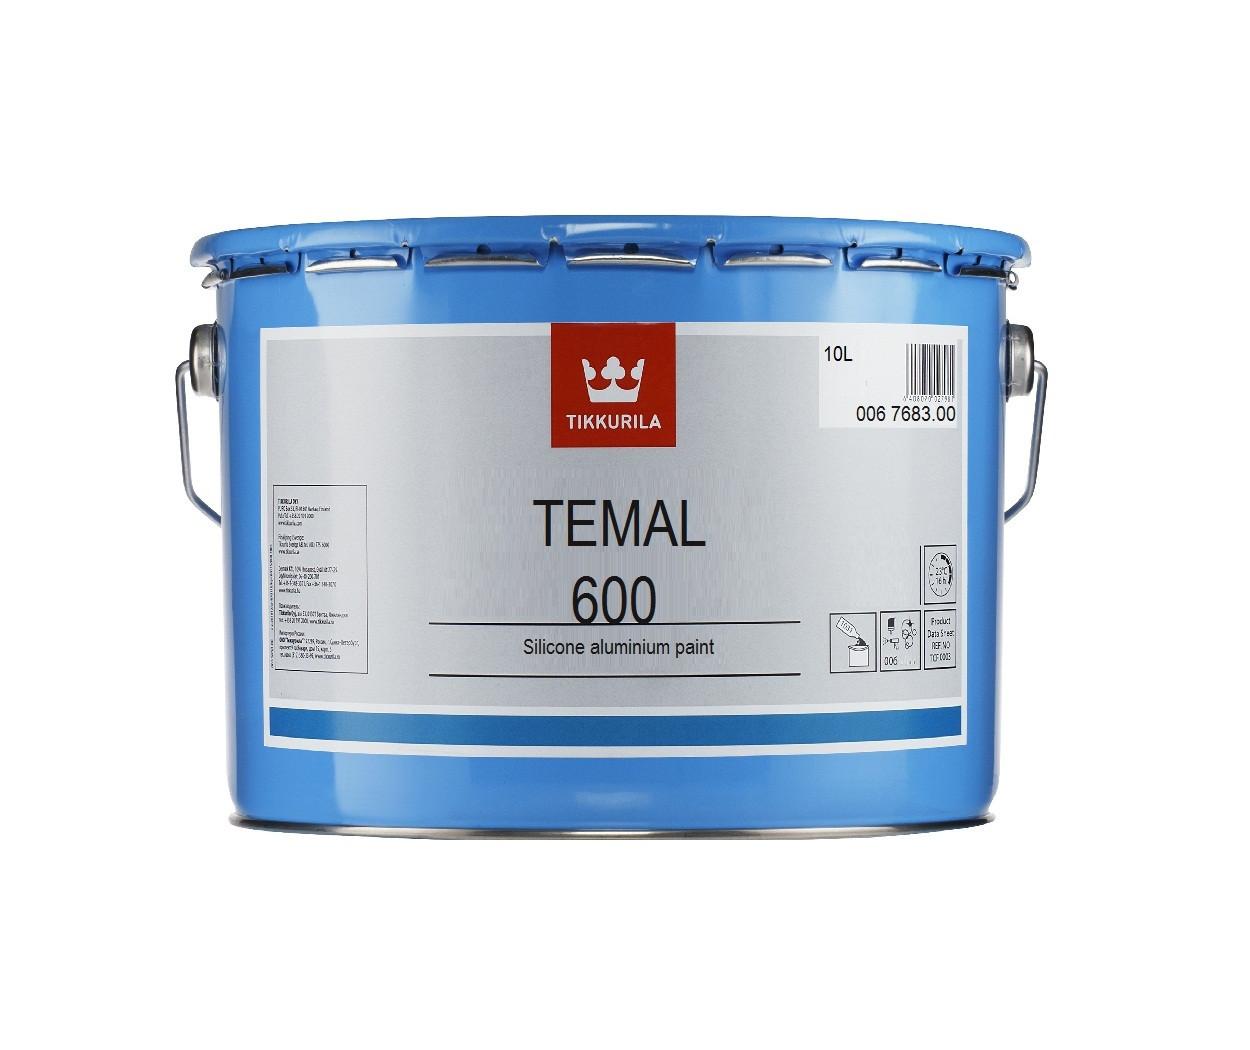 Эмаль силиконовая TIKKURILA TEMAL 600 термостойкая алюминиевая, 10л